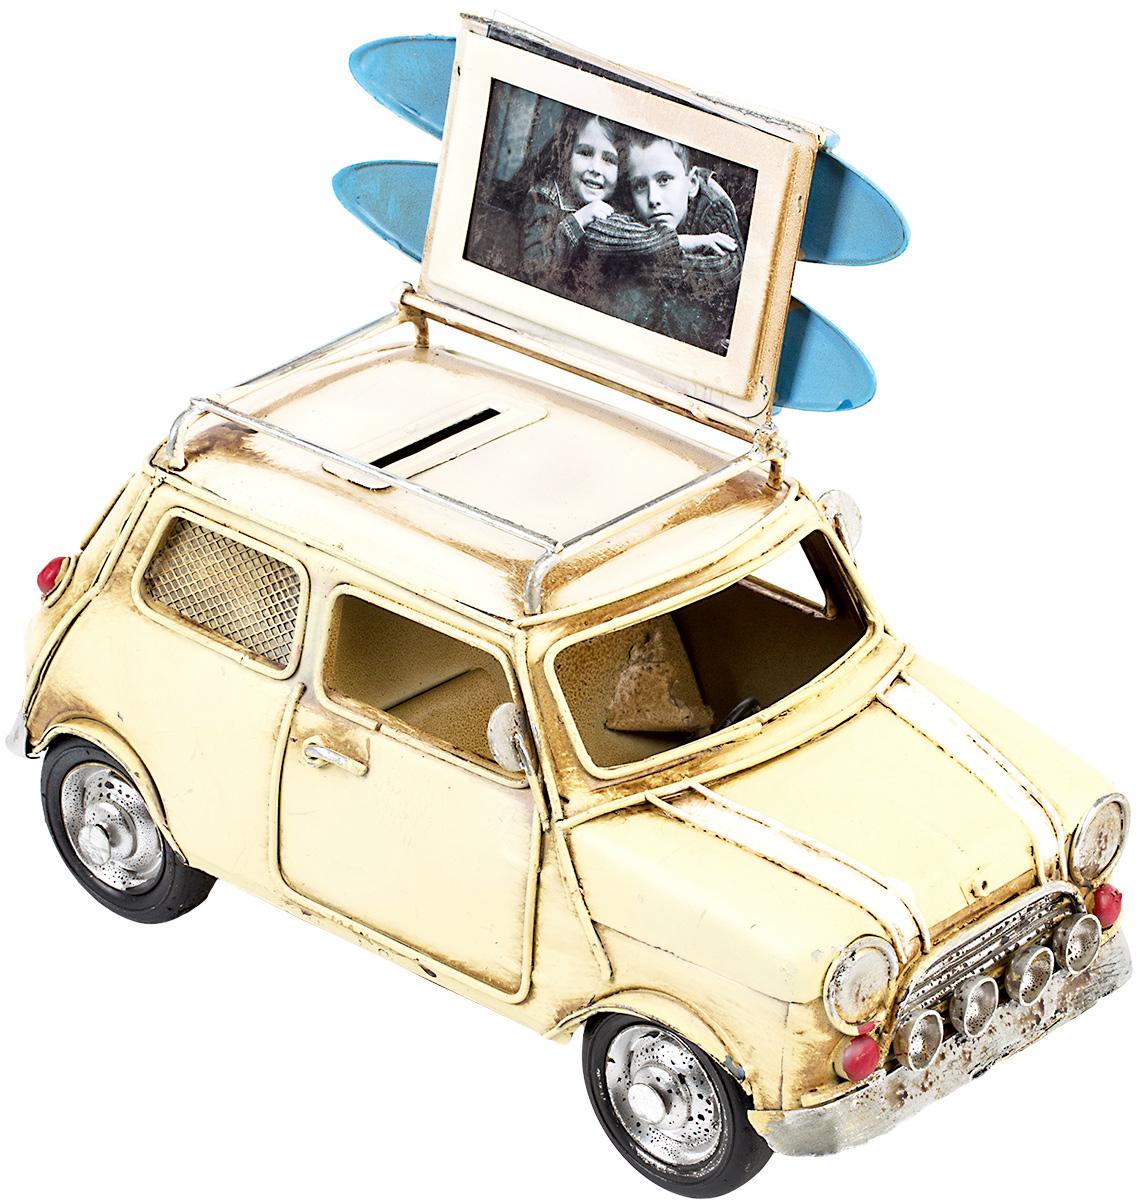 Модель Platinum Автомобиль, с фоторамкой и копилкой. 1404E-4341UP210DFМодель Platinum Автомобиль, выполненная из металла, станет оригинальным украшением интерьера. Вы можете поставить модель ретро-автомобиля в любом месте, где она будет удачно смотреться.Изделие дополнено копилкой и фоторамкой, куда вы можете вставить вашу любимую фотографию.Качество исполнения, точные детали и оригинальный дизайн выделяют эту модель среди ряда подобных. Модель займет достойное место в вашей коллекции, а также приятно удивит получателя в качестве стильного сувенира.